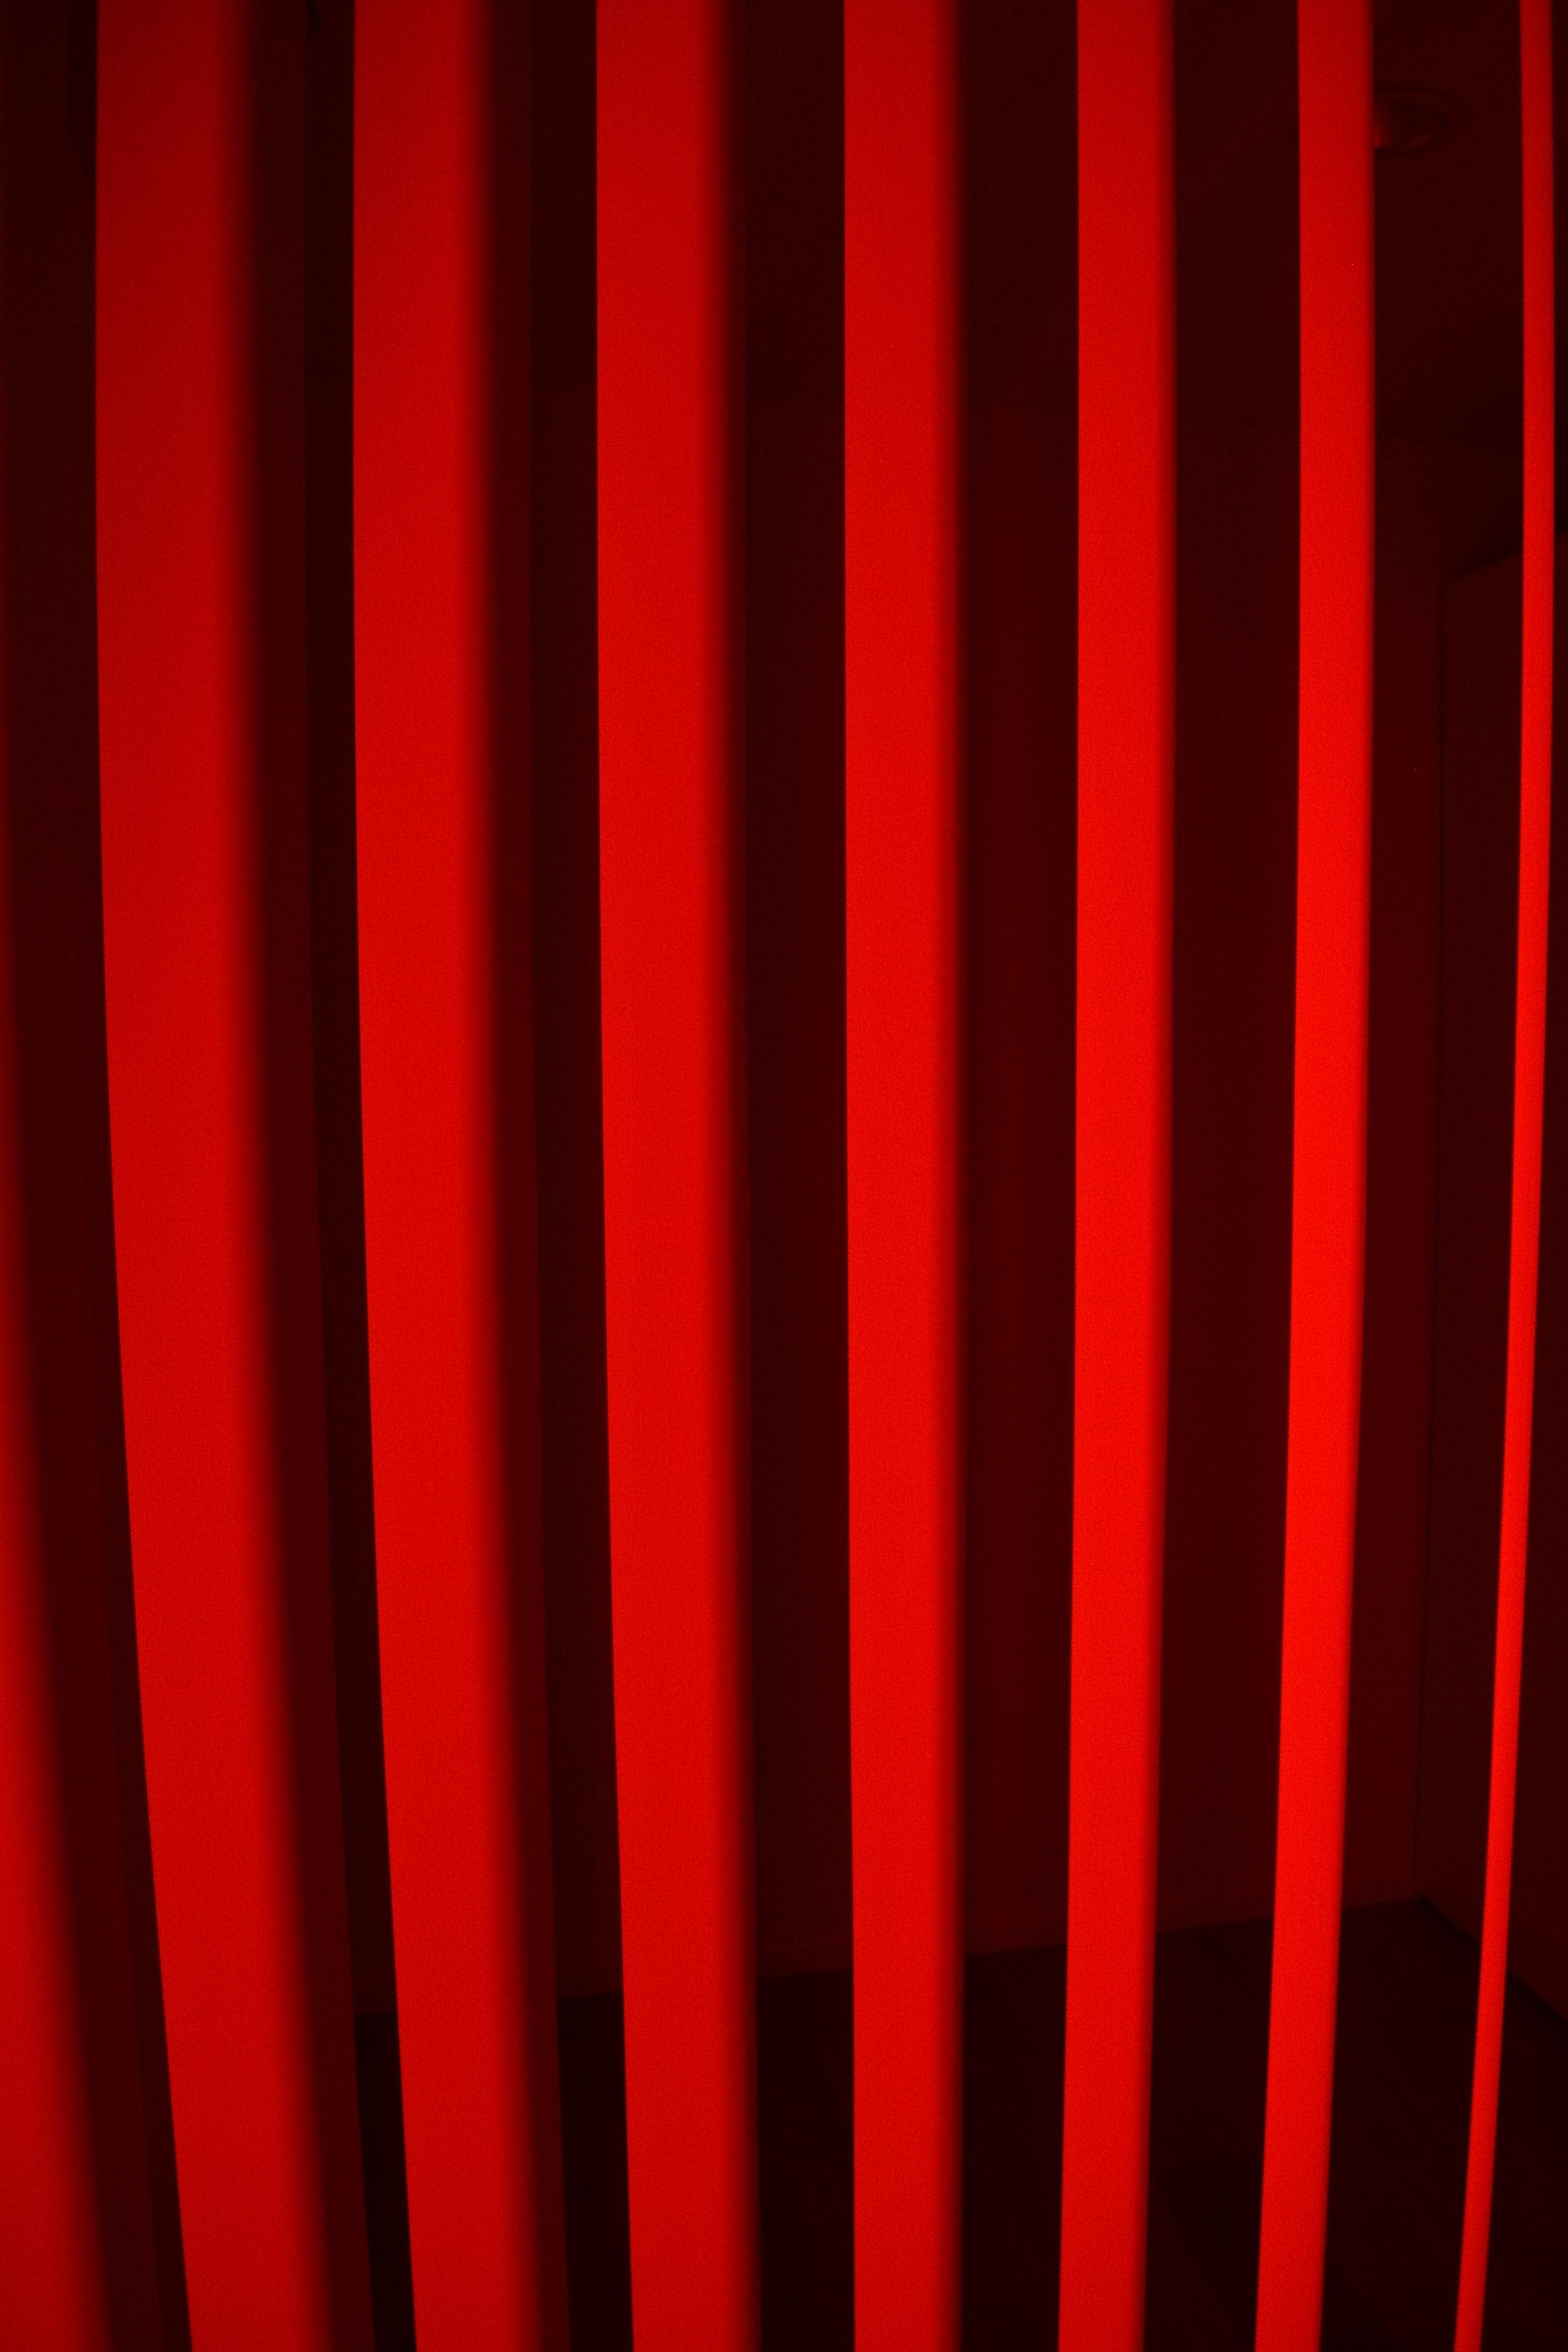 red006.jpg